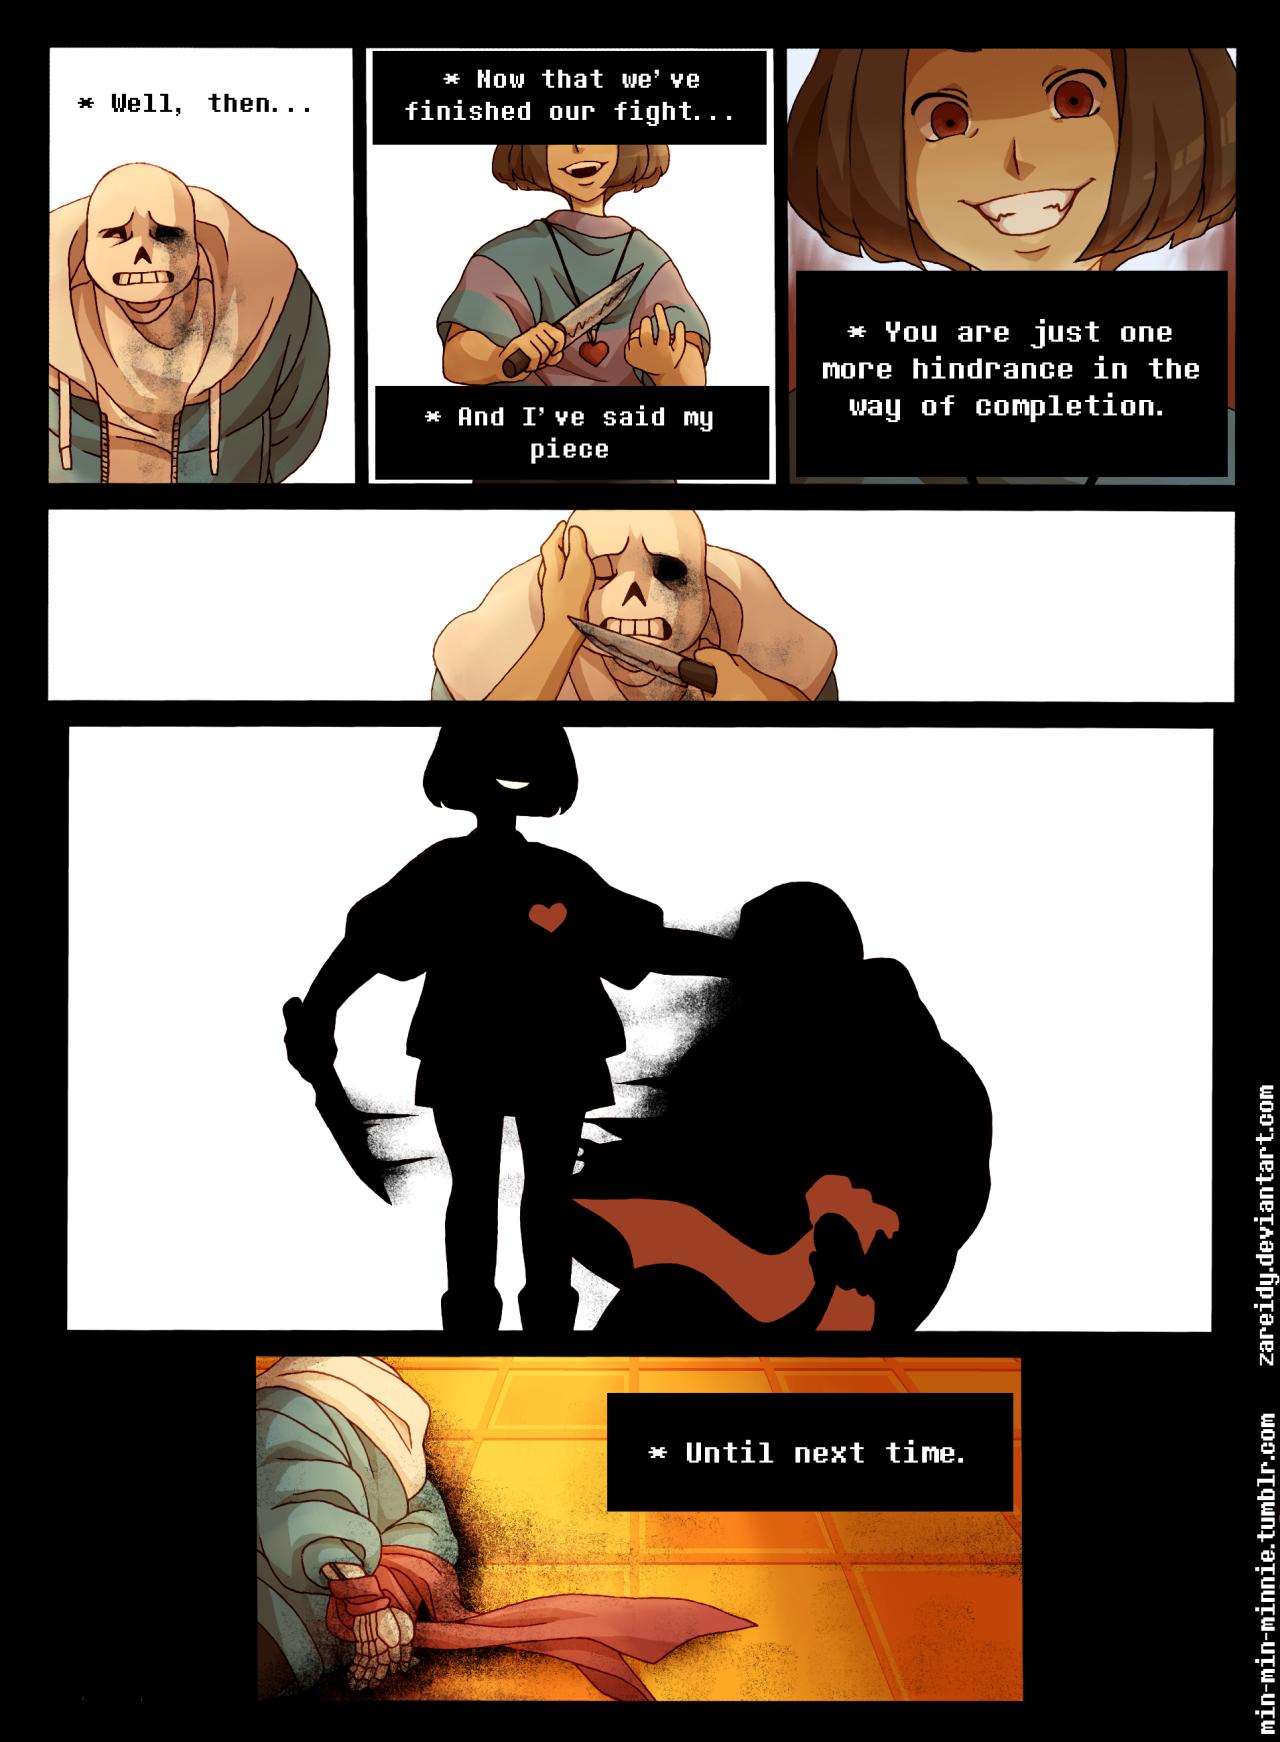 For Sans Comic For My Friend Zareidy(X) The Comic Idea